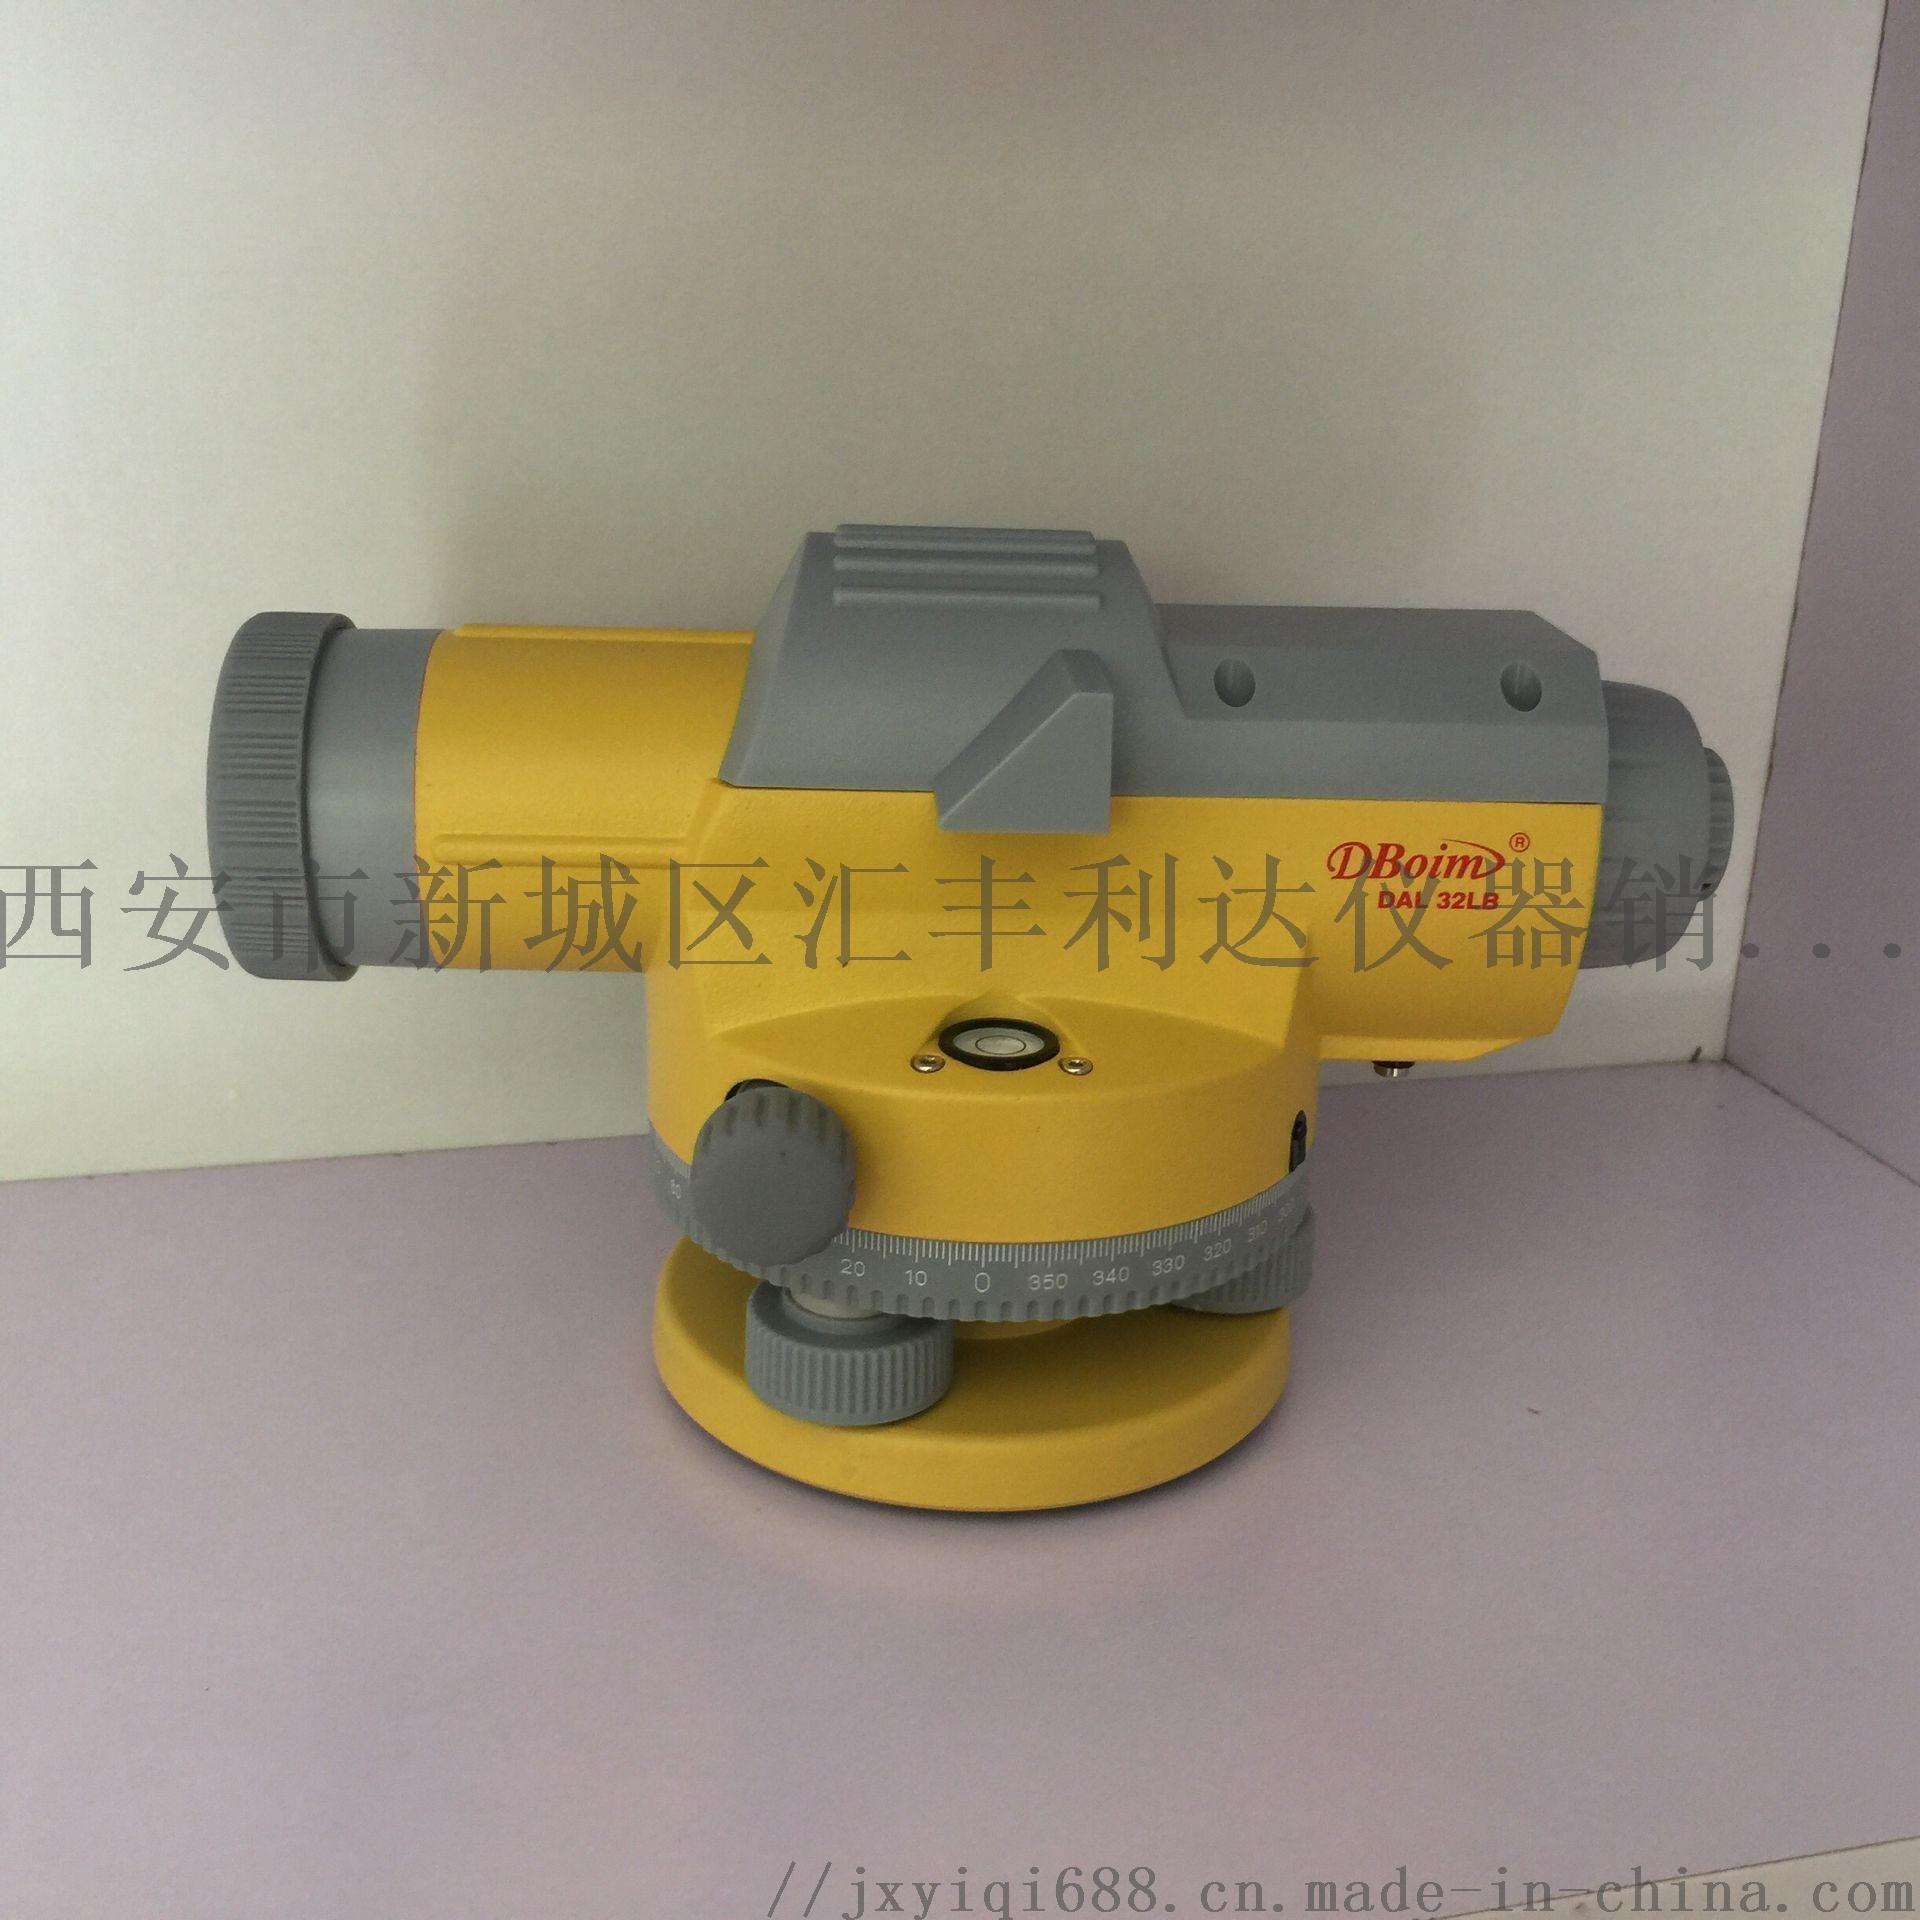 西安哪余有賣水準儀測量儀器137724898292863613795